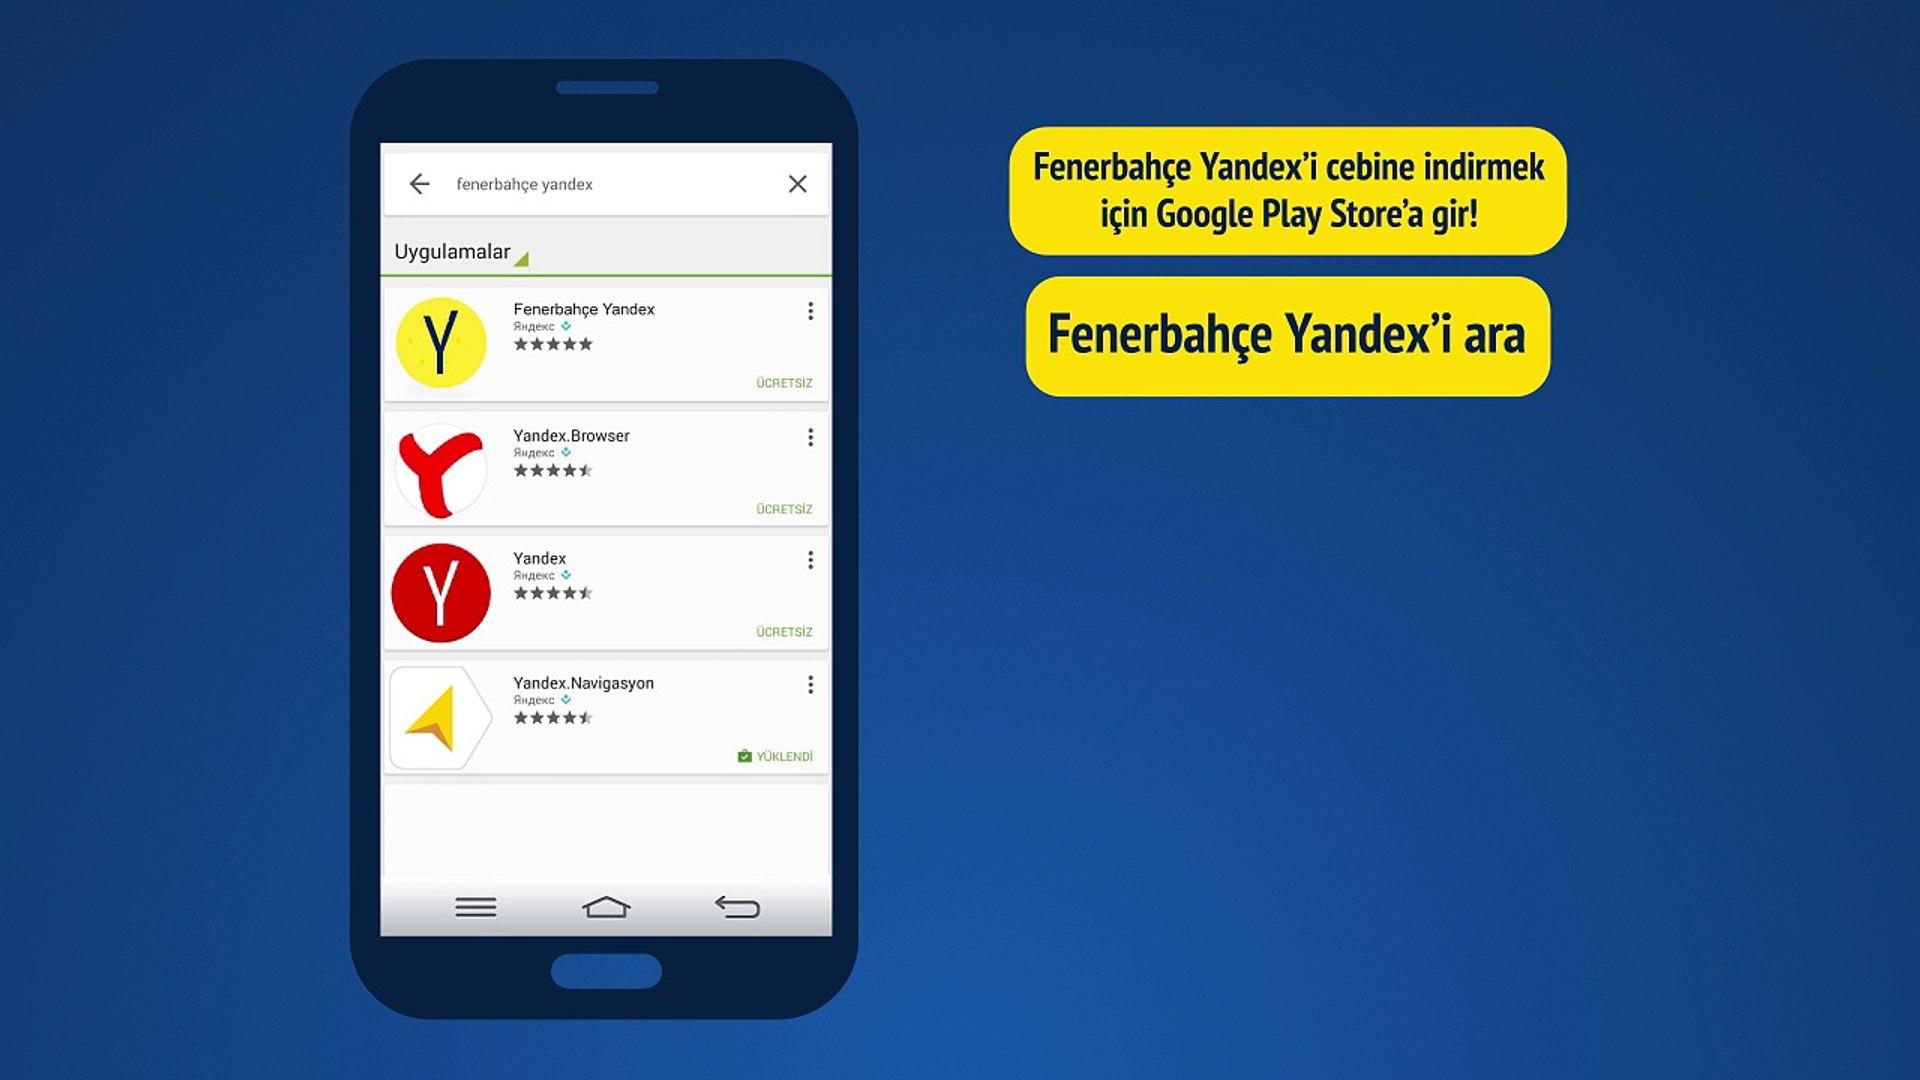 Fenerbahçe Yandex Android'de Dünya Yıldızları Cebinde!